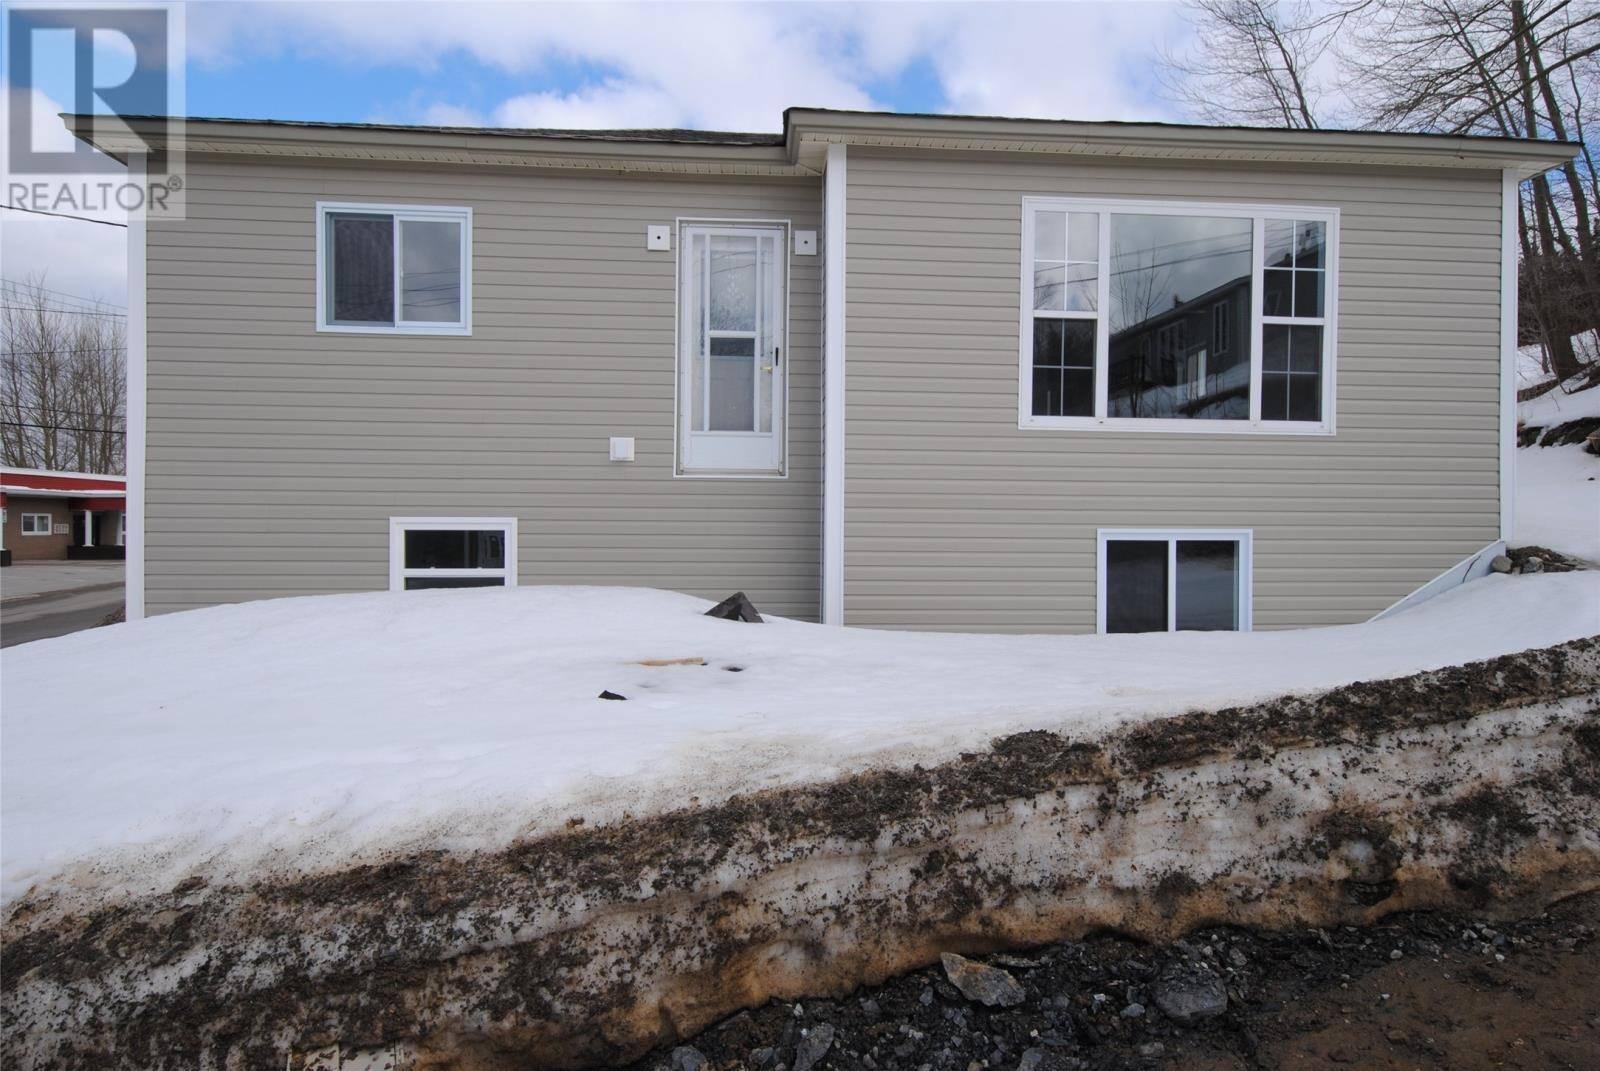 House for sale at 223 Curling St Corner Brook Newfoundland - MLS: 1192673